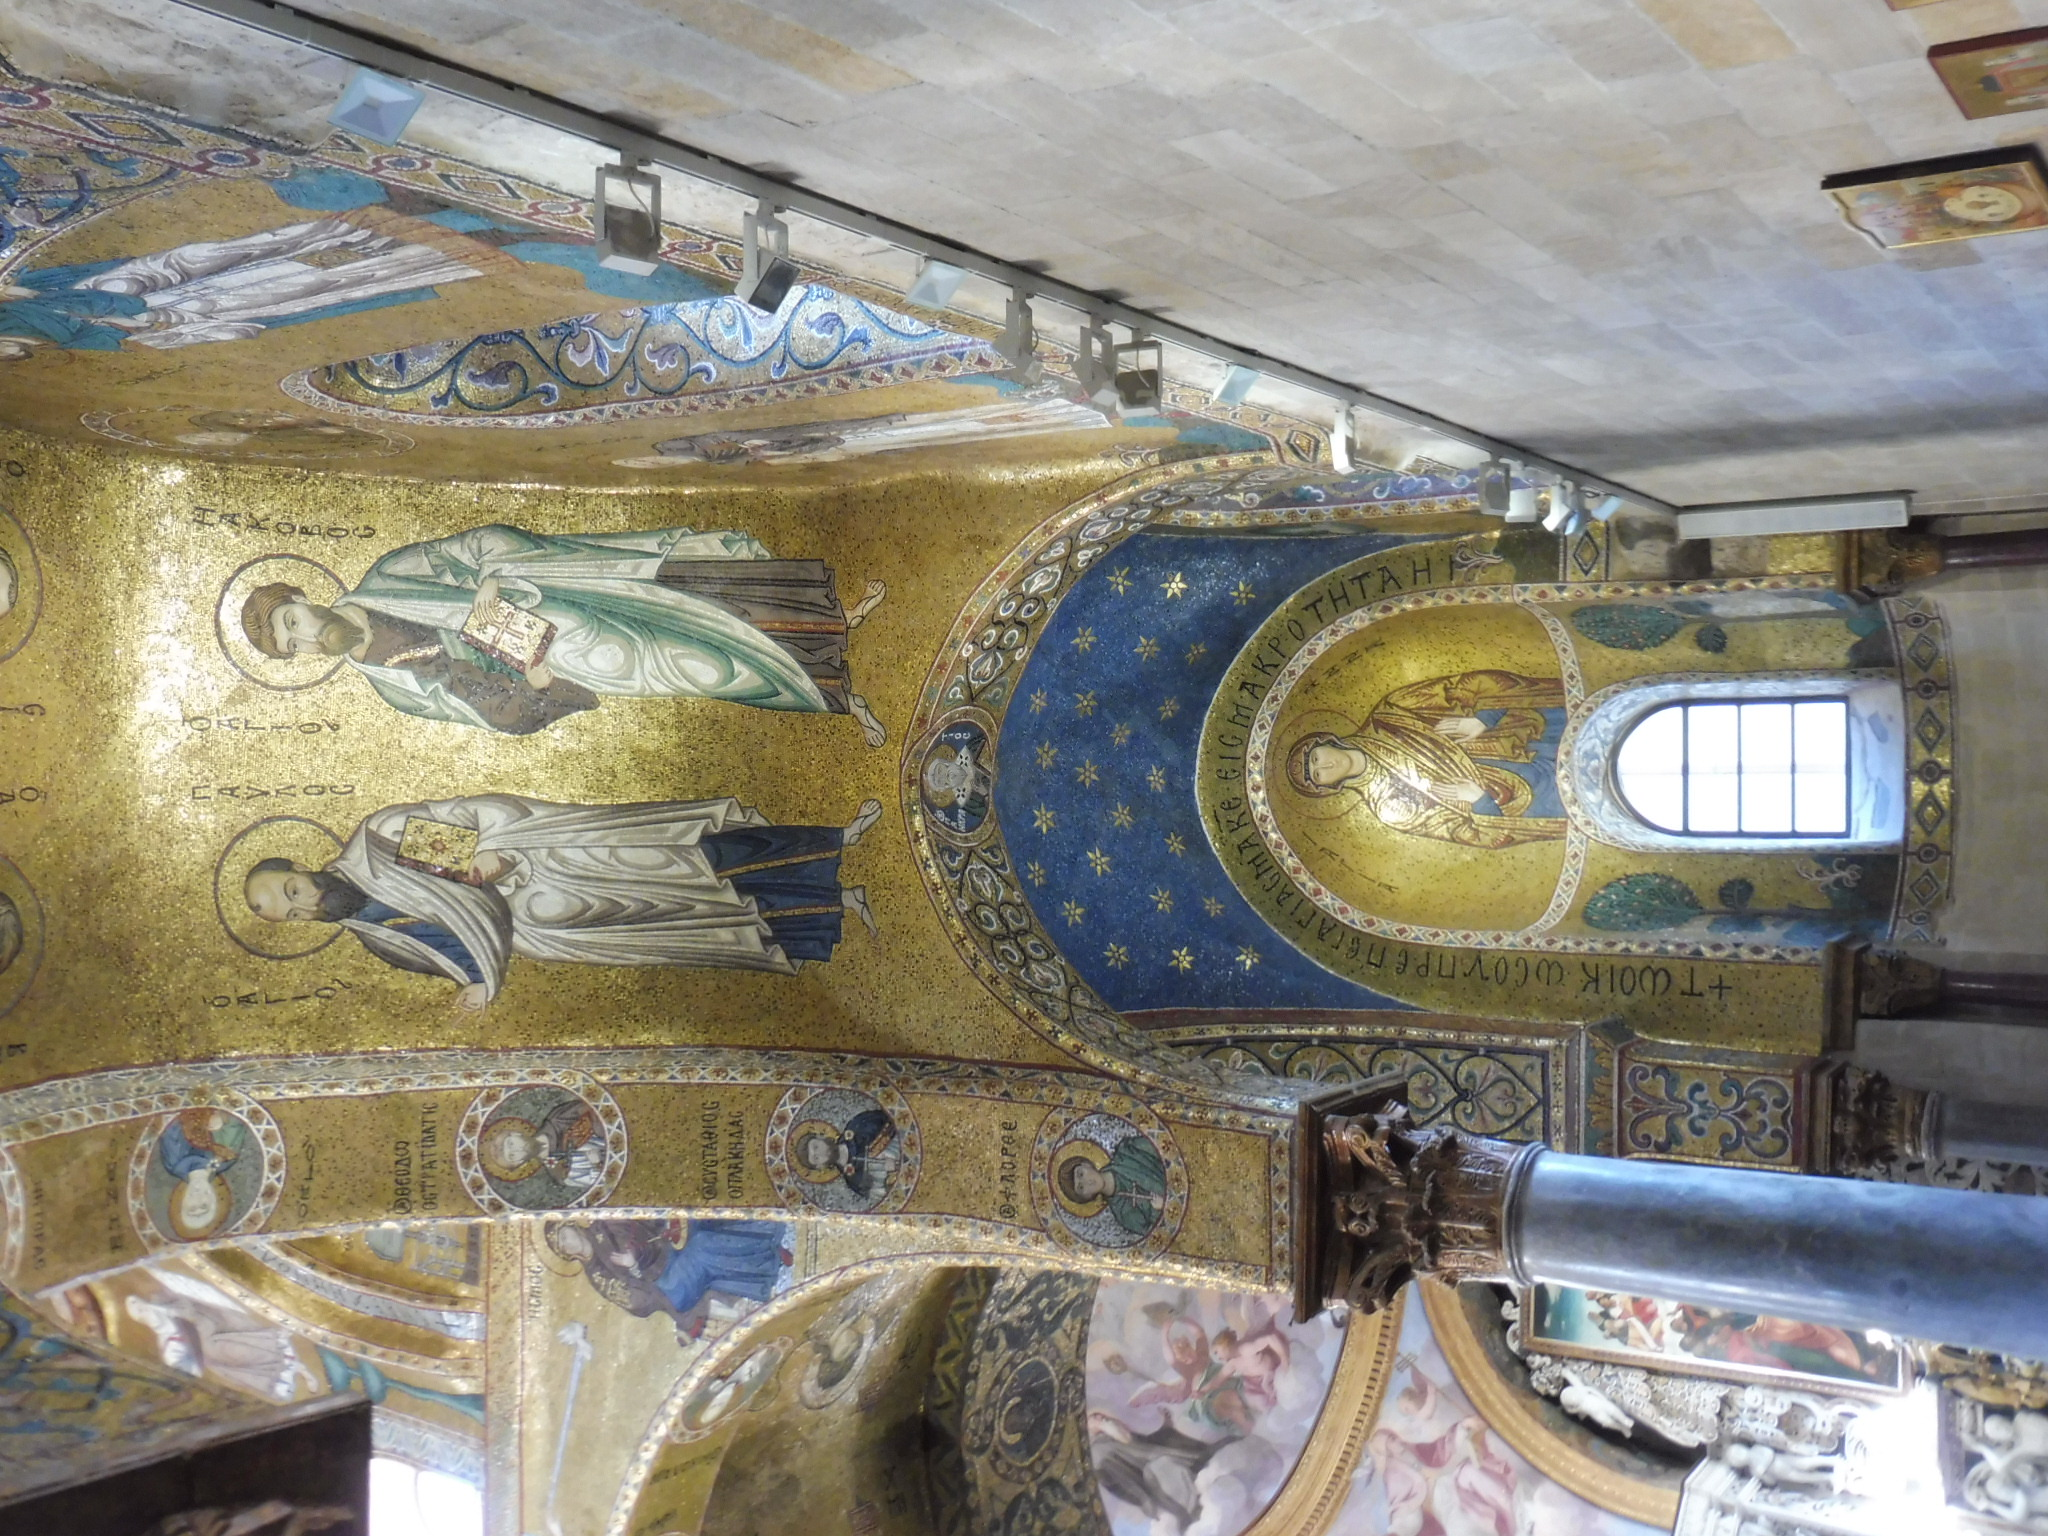 Church ceilings in gold mosaic